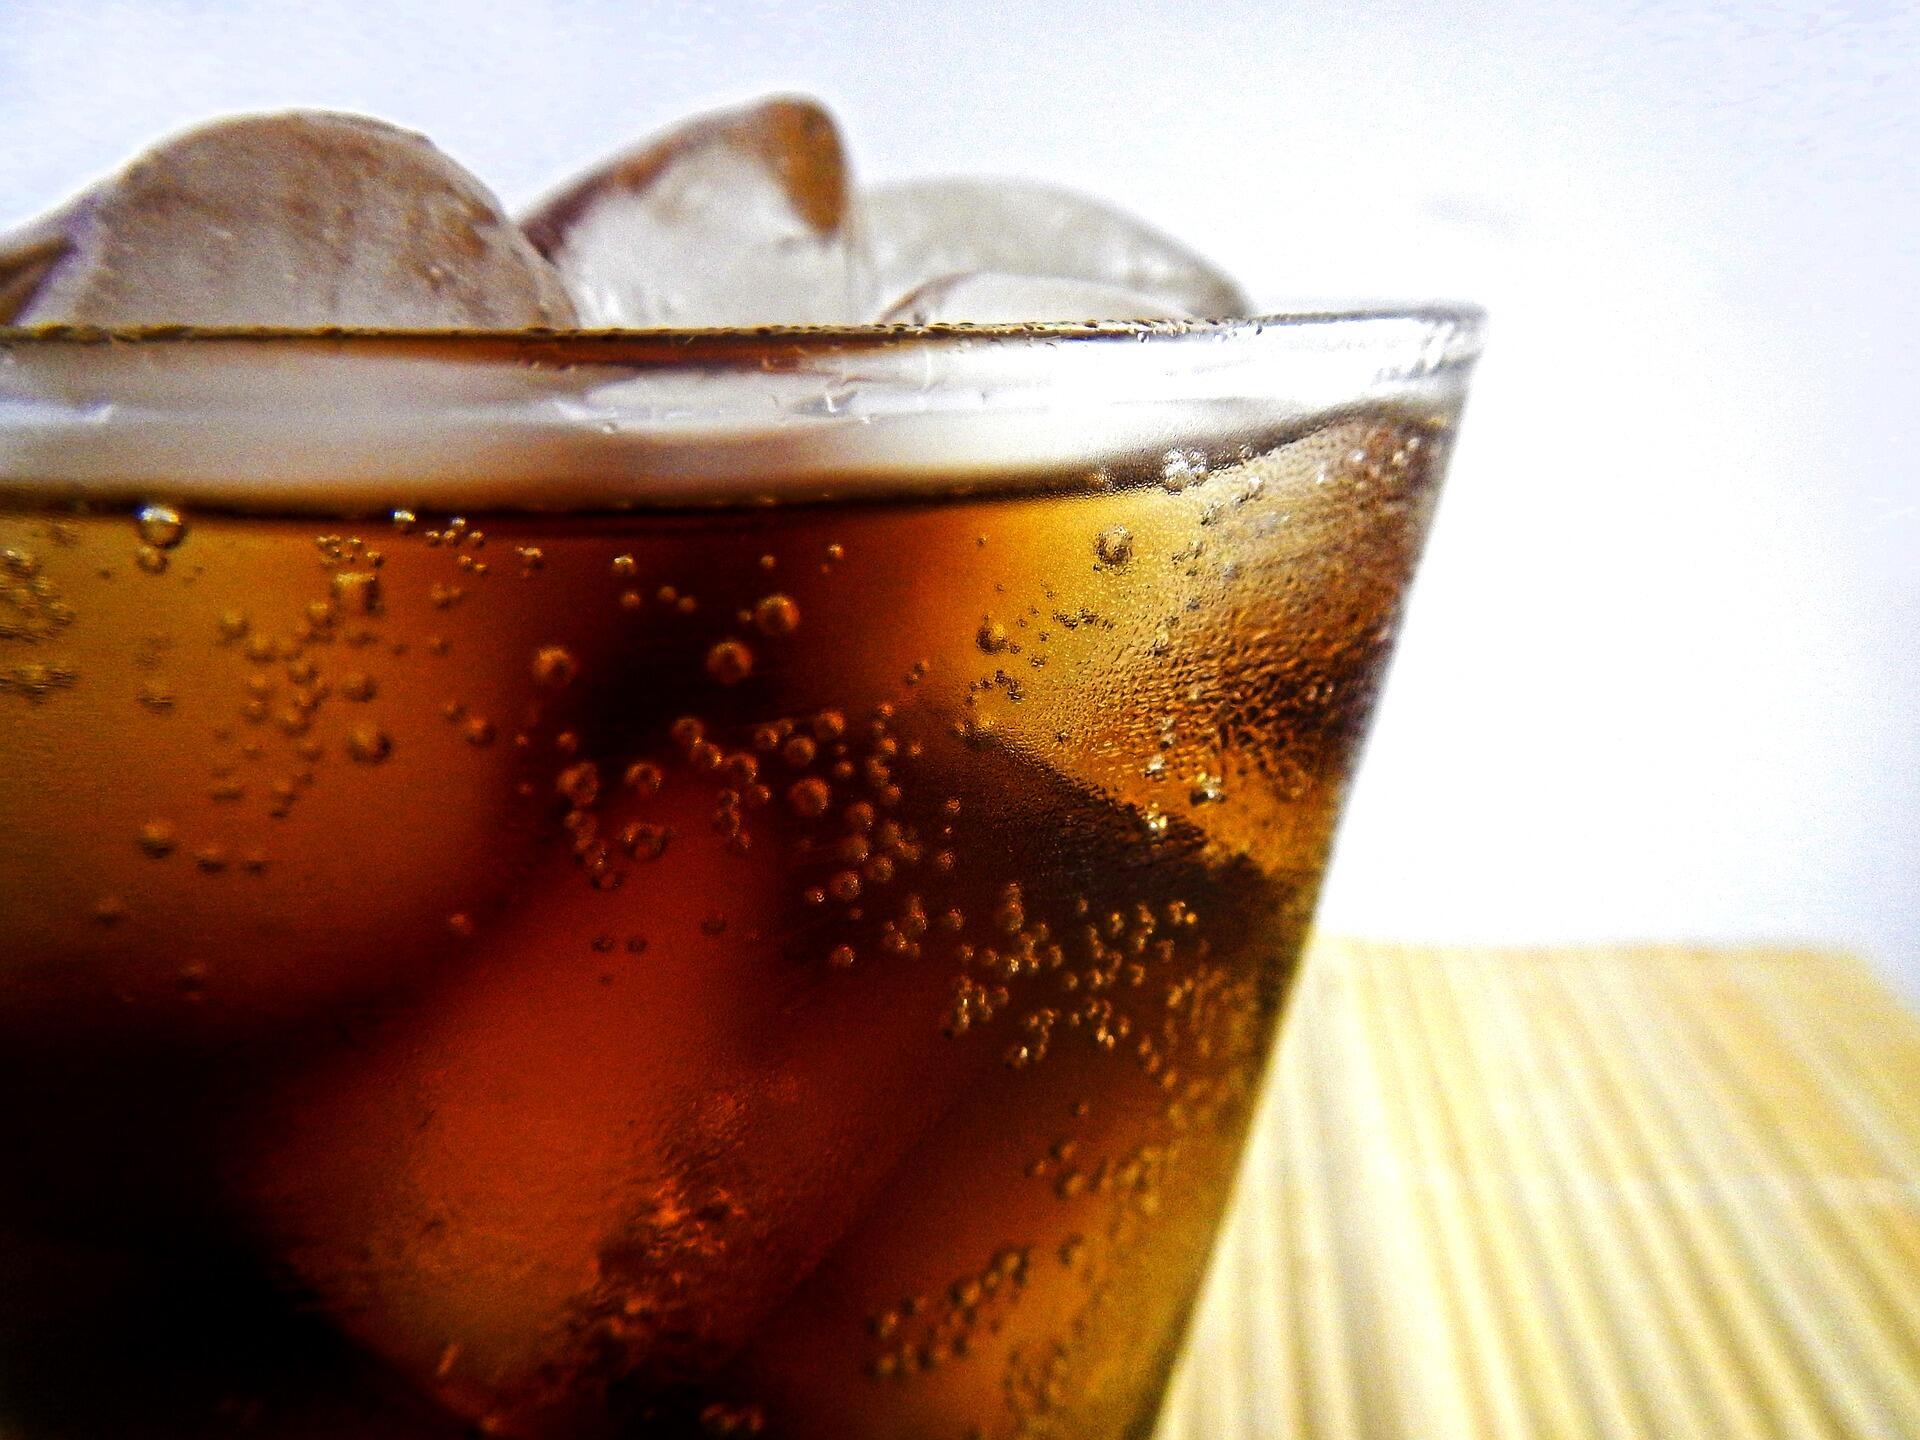 Risiko di Balik Nikmatnya Minum Soda Terlalu Sering